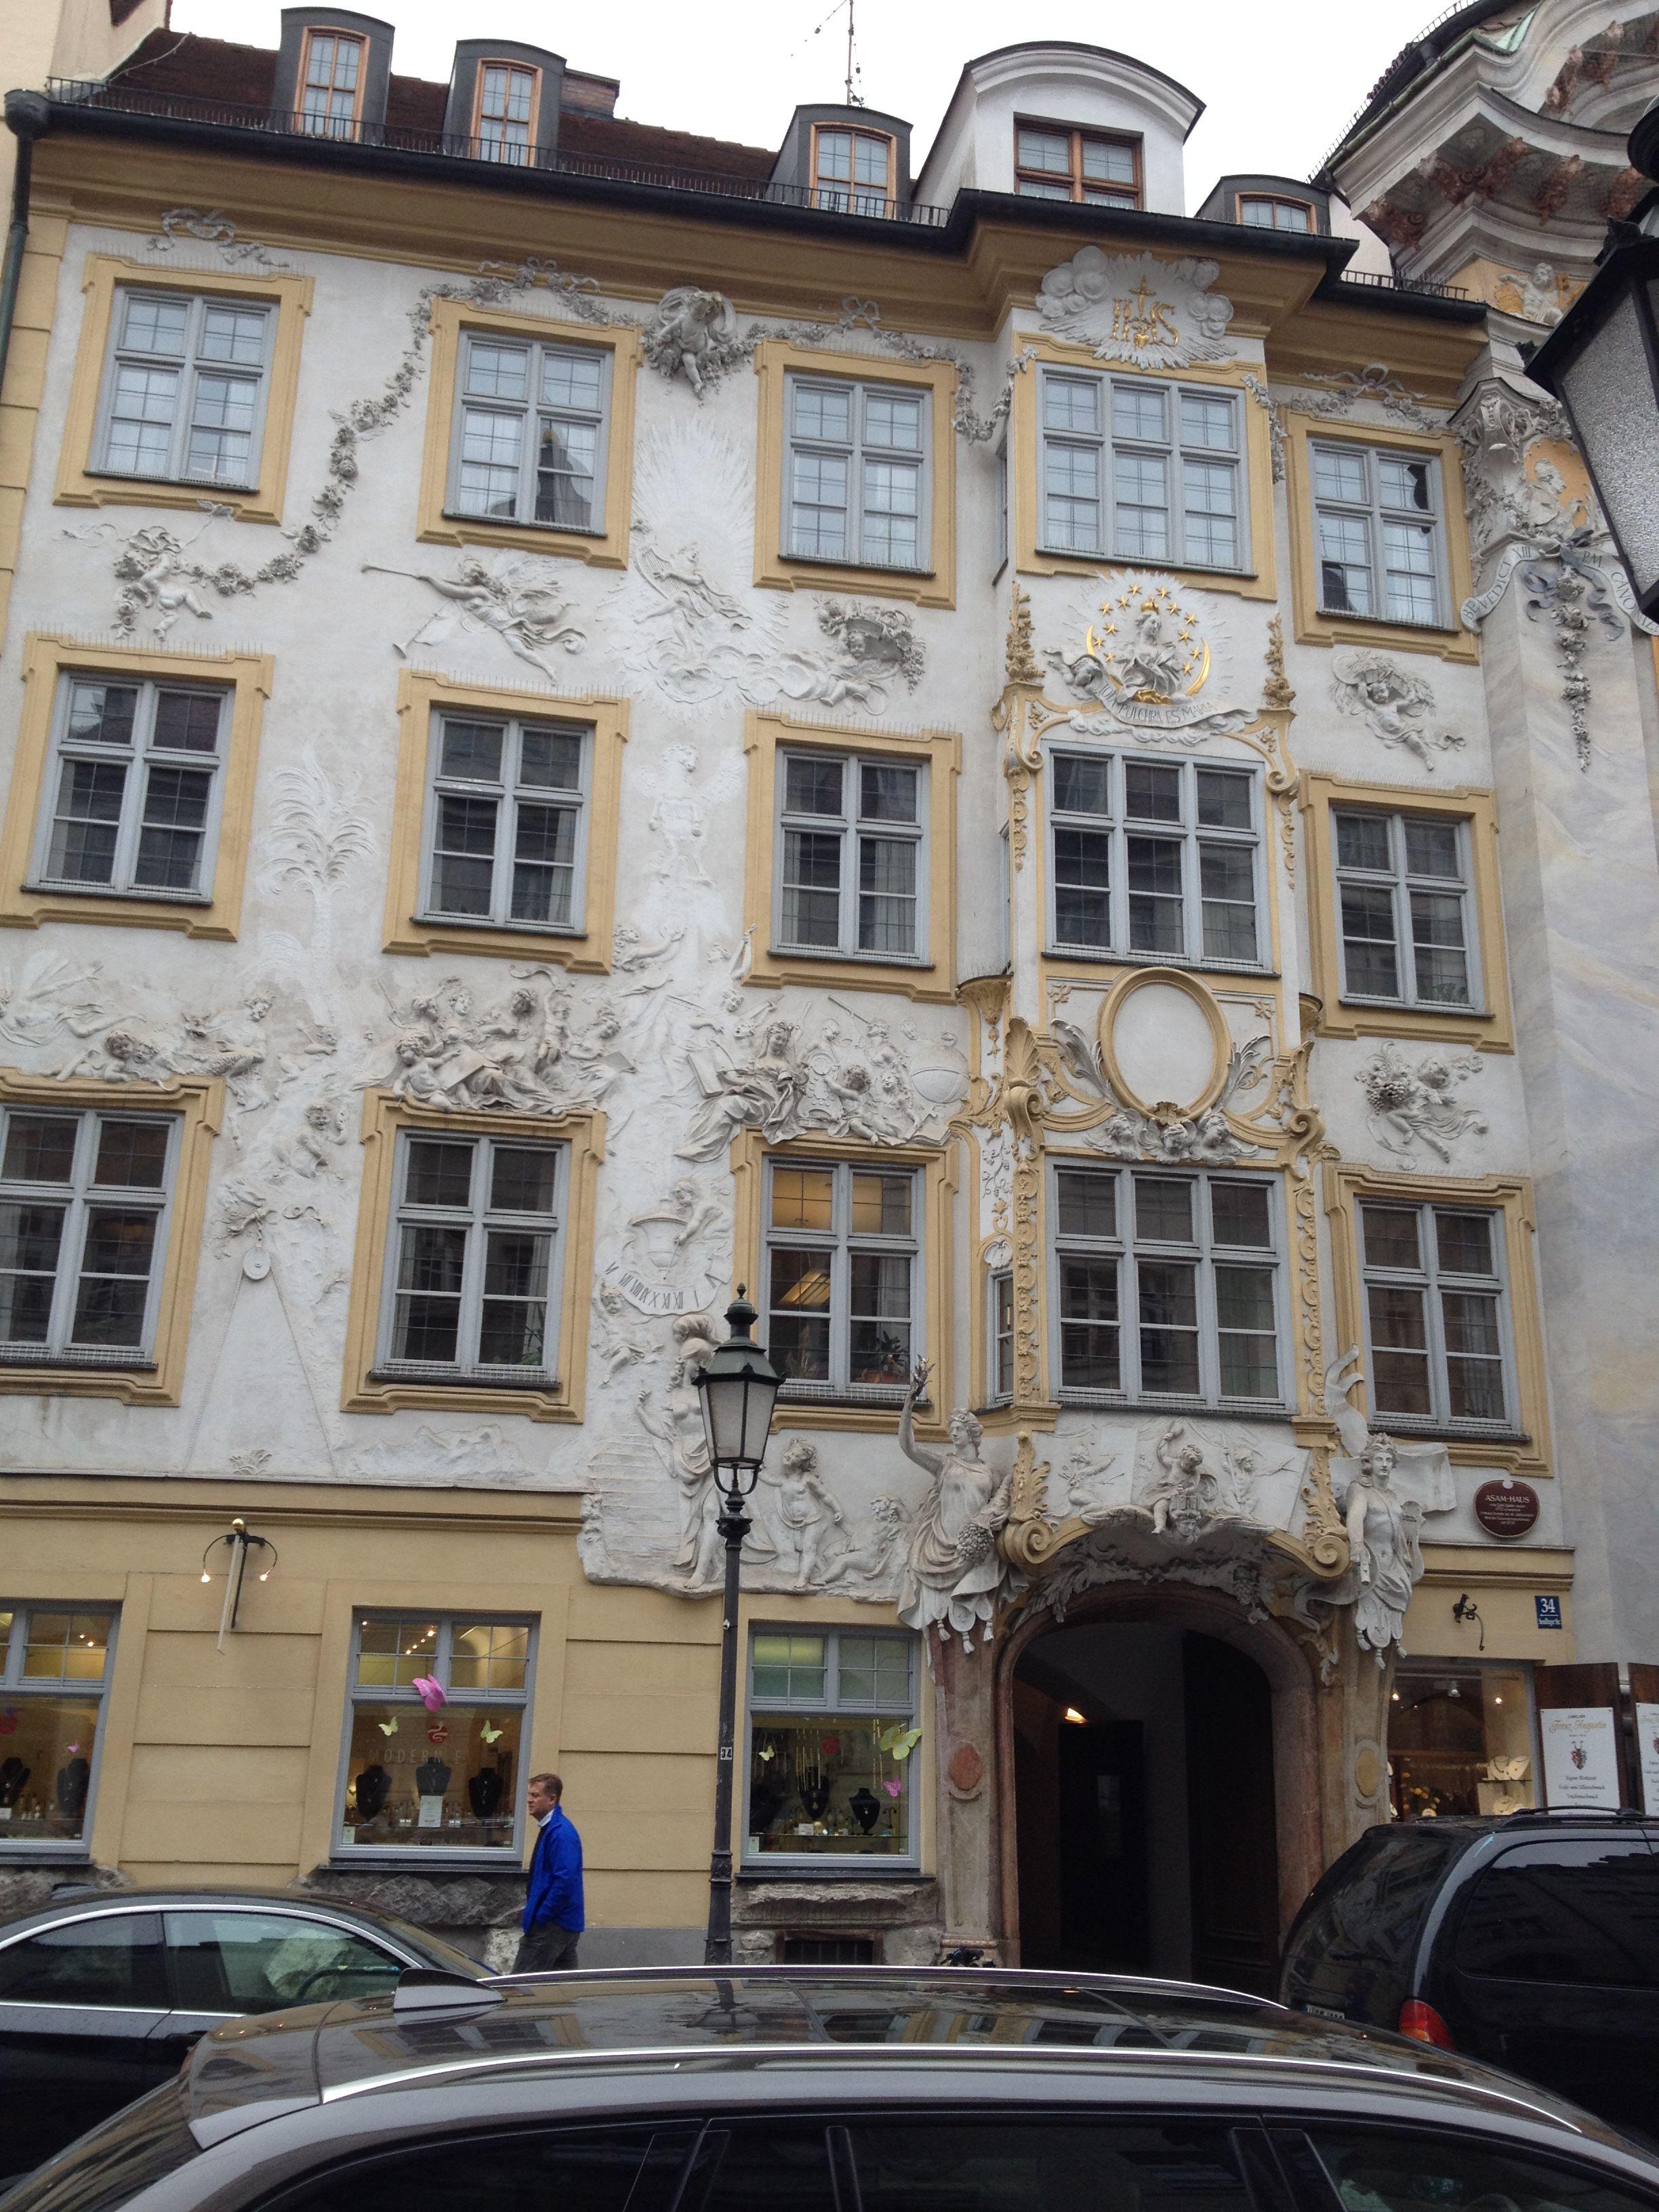 Munich square - 04/18/2016